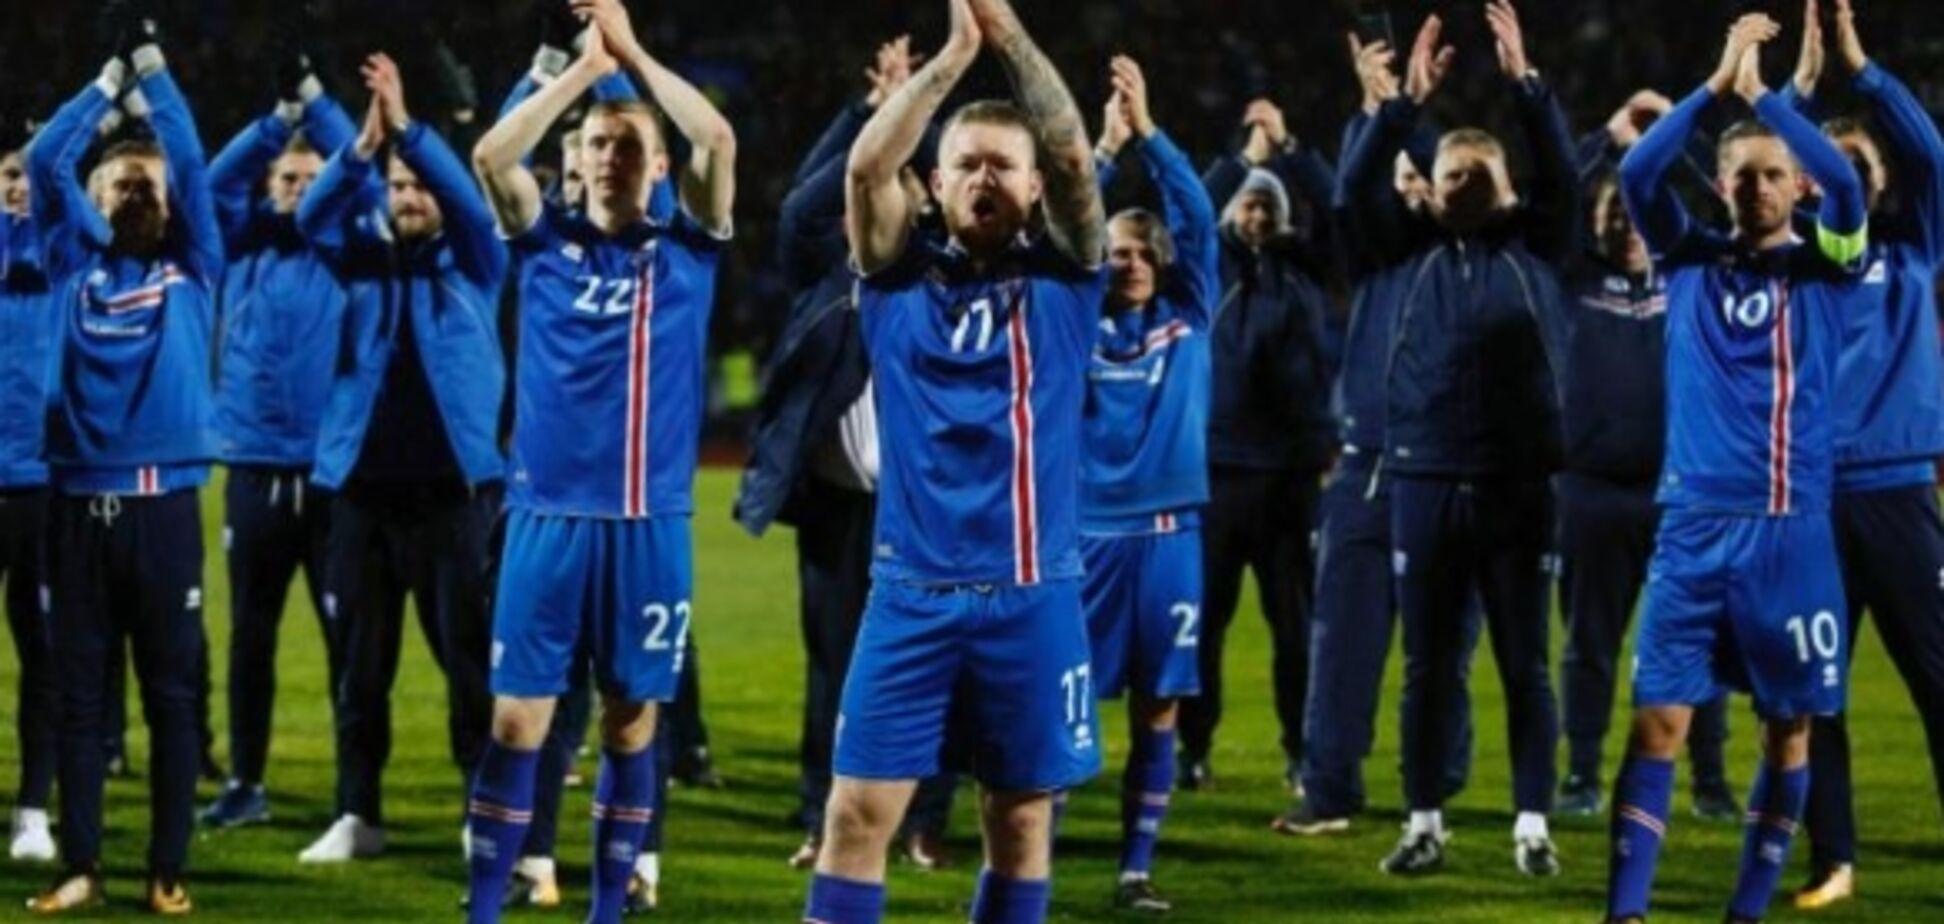 Ісландія ЧС 2018